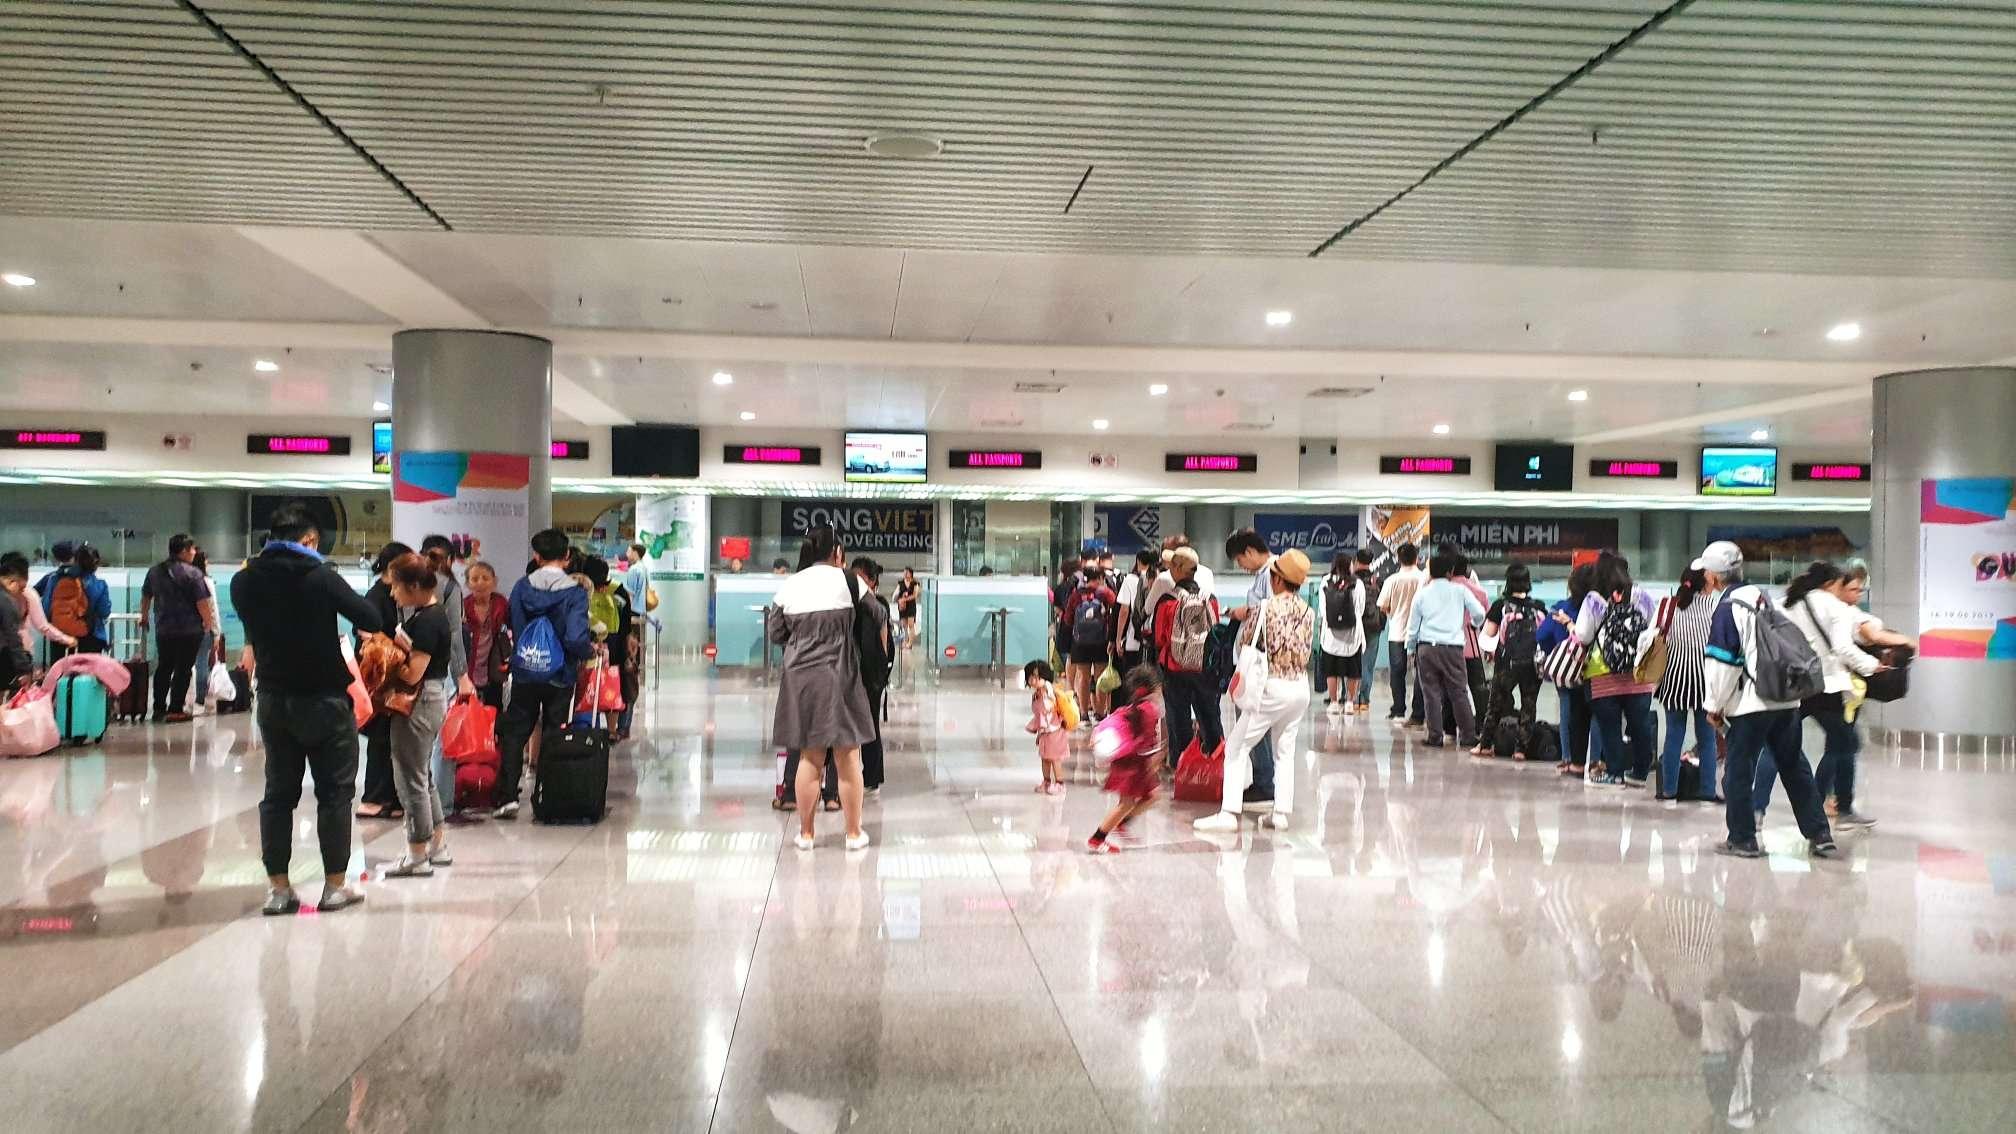 「2020簽證指南」在15分鐘內領取越南落地簽證